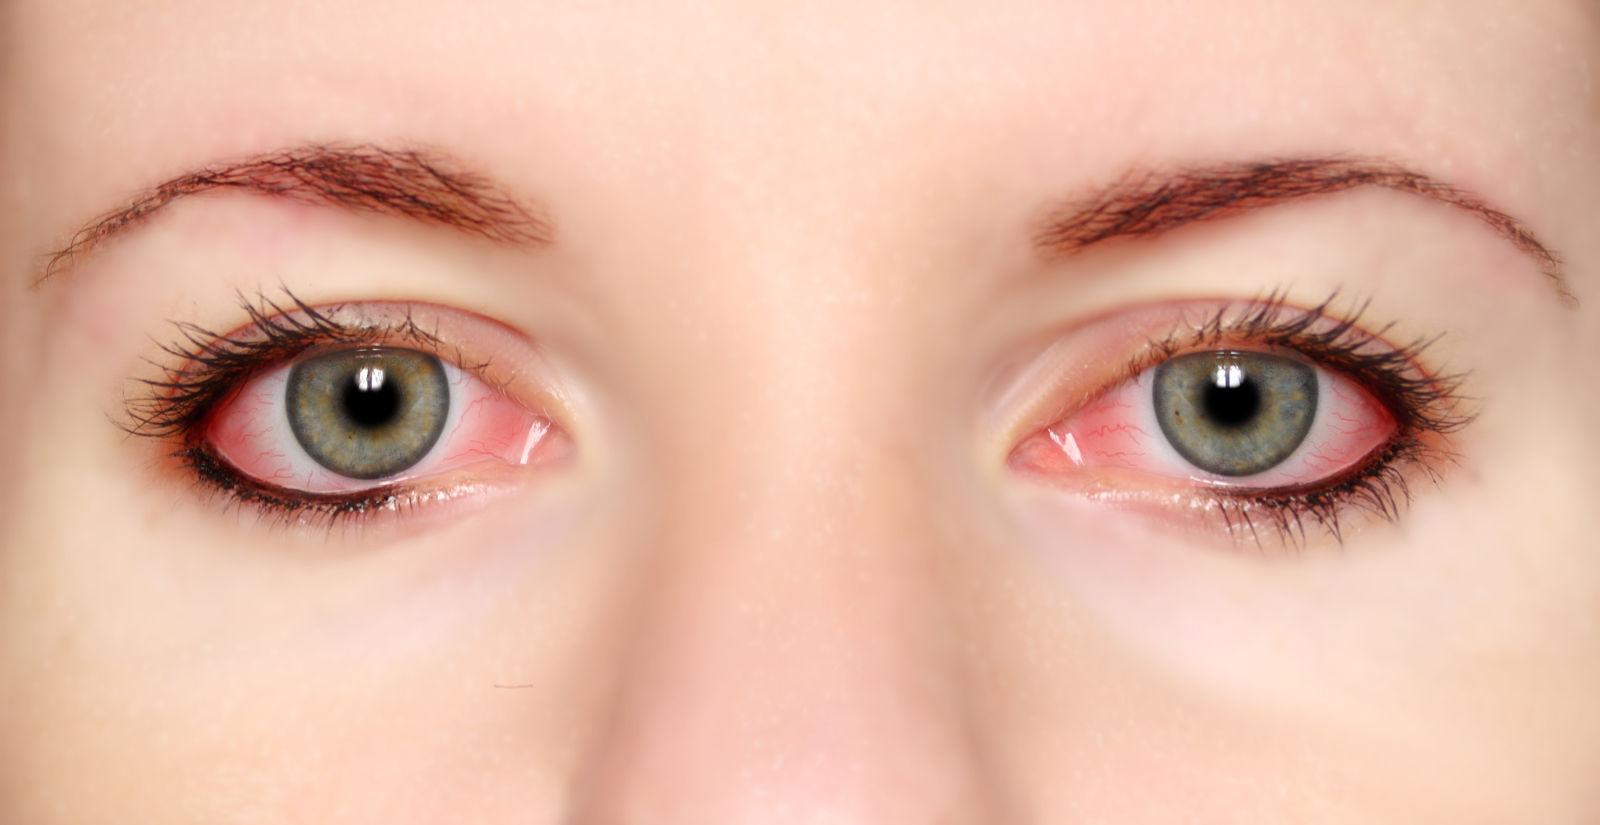 Detalle de dos ojos con conjuntivitis